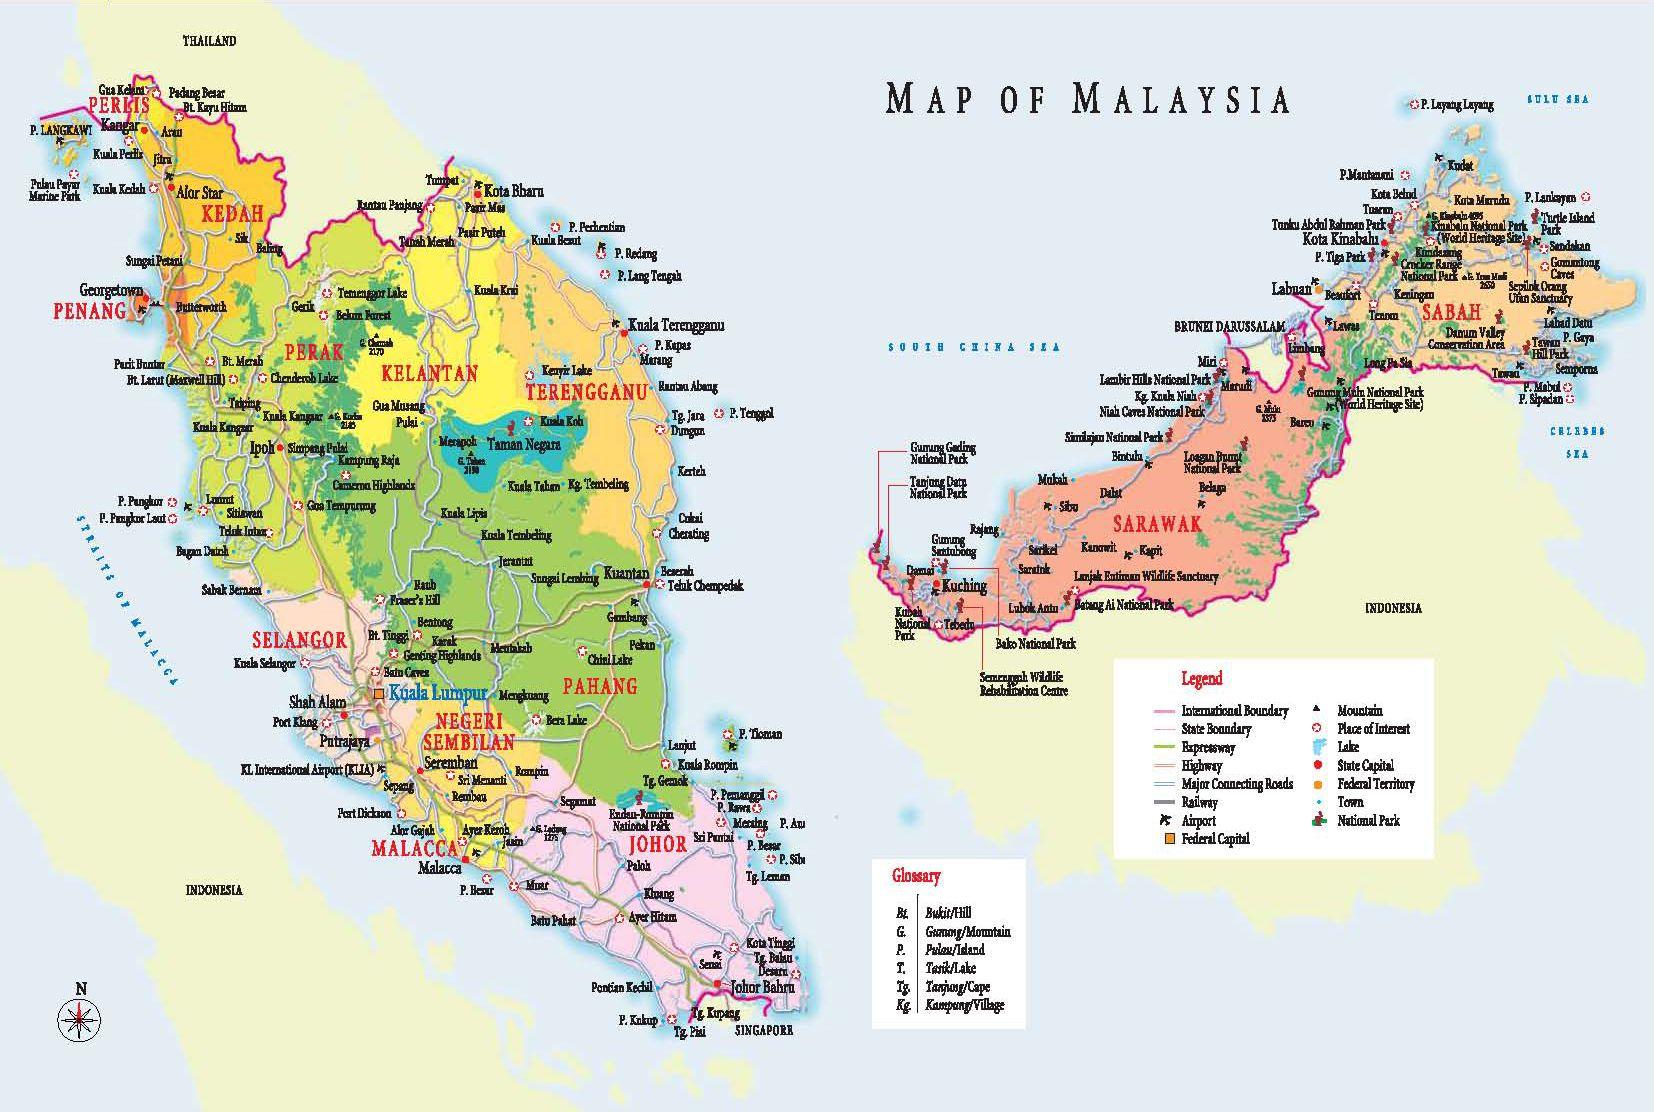 MALAYSIA MAPPA Home Malaysai Hotels Malaysia Hostels Travel - Malaysia map